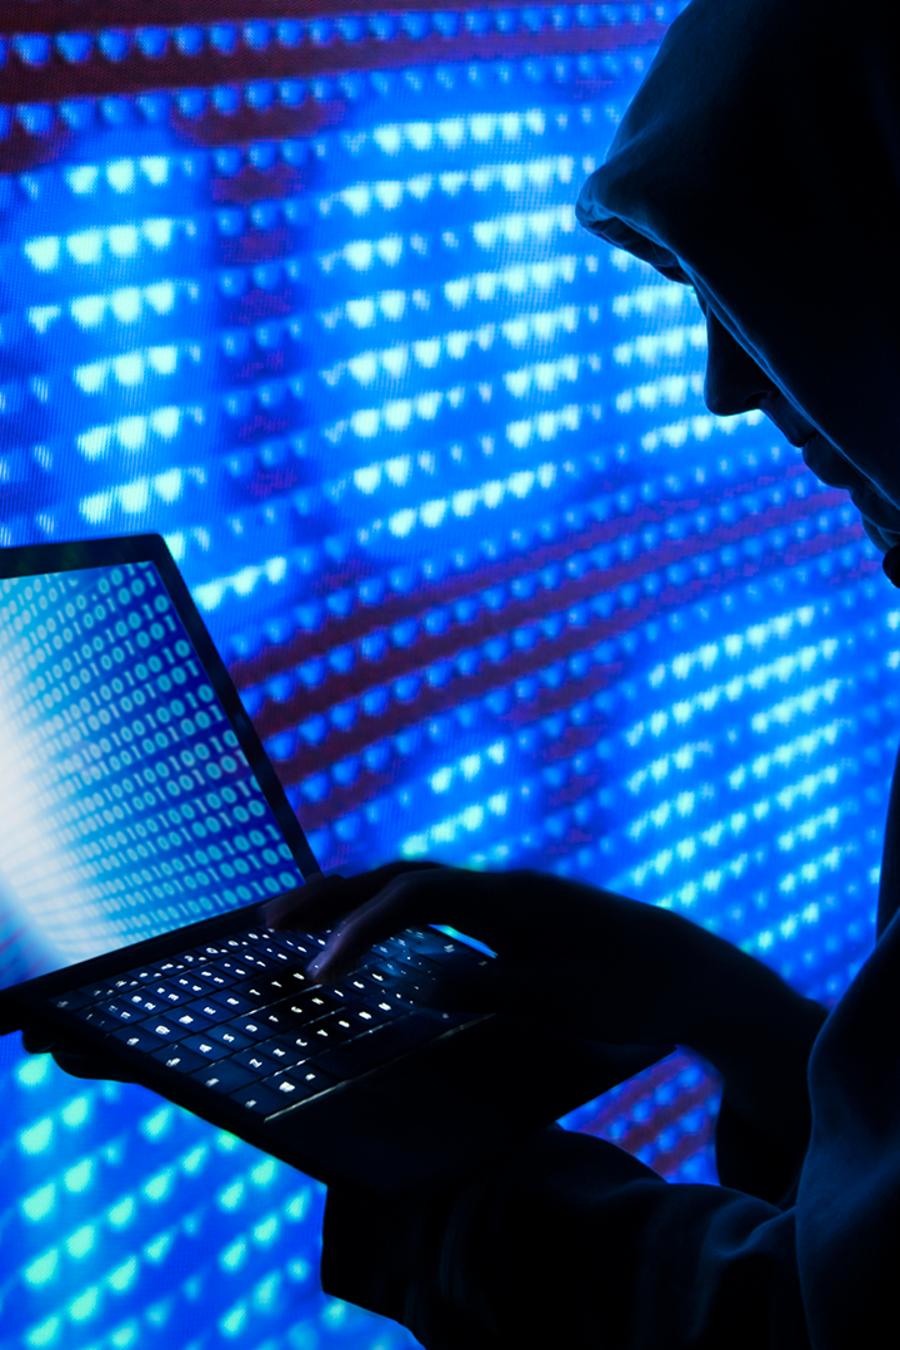 Un supuesto pirata cibernético trabaja en un computador portátil